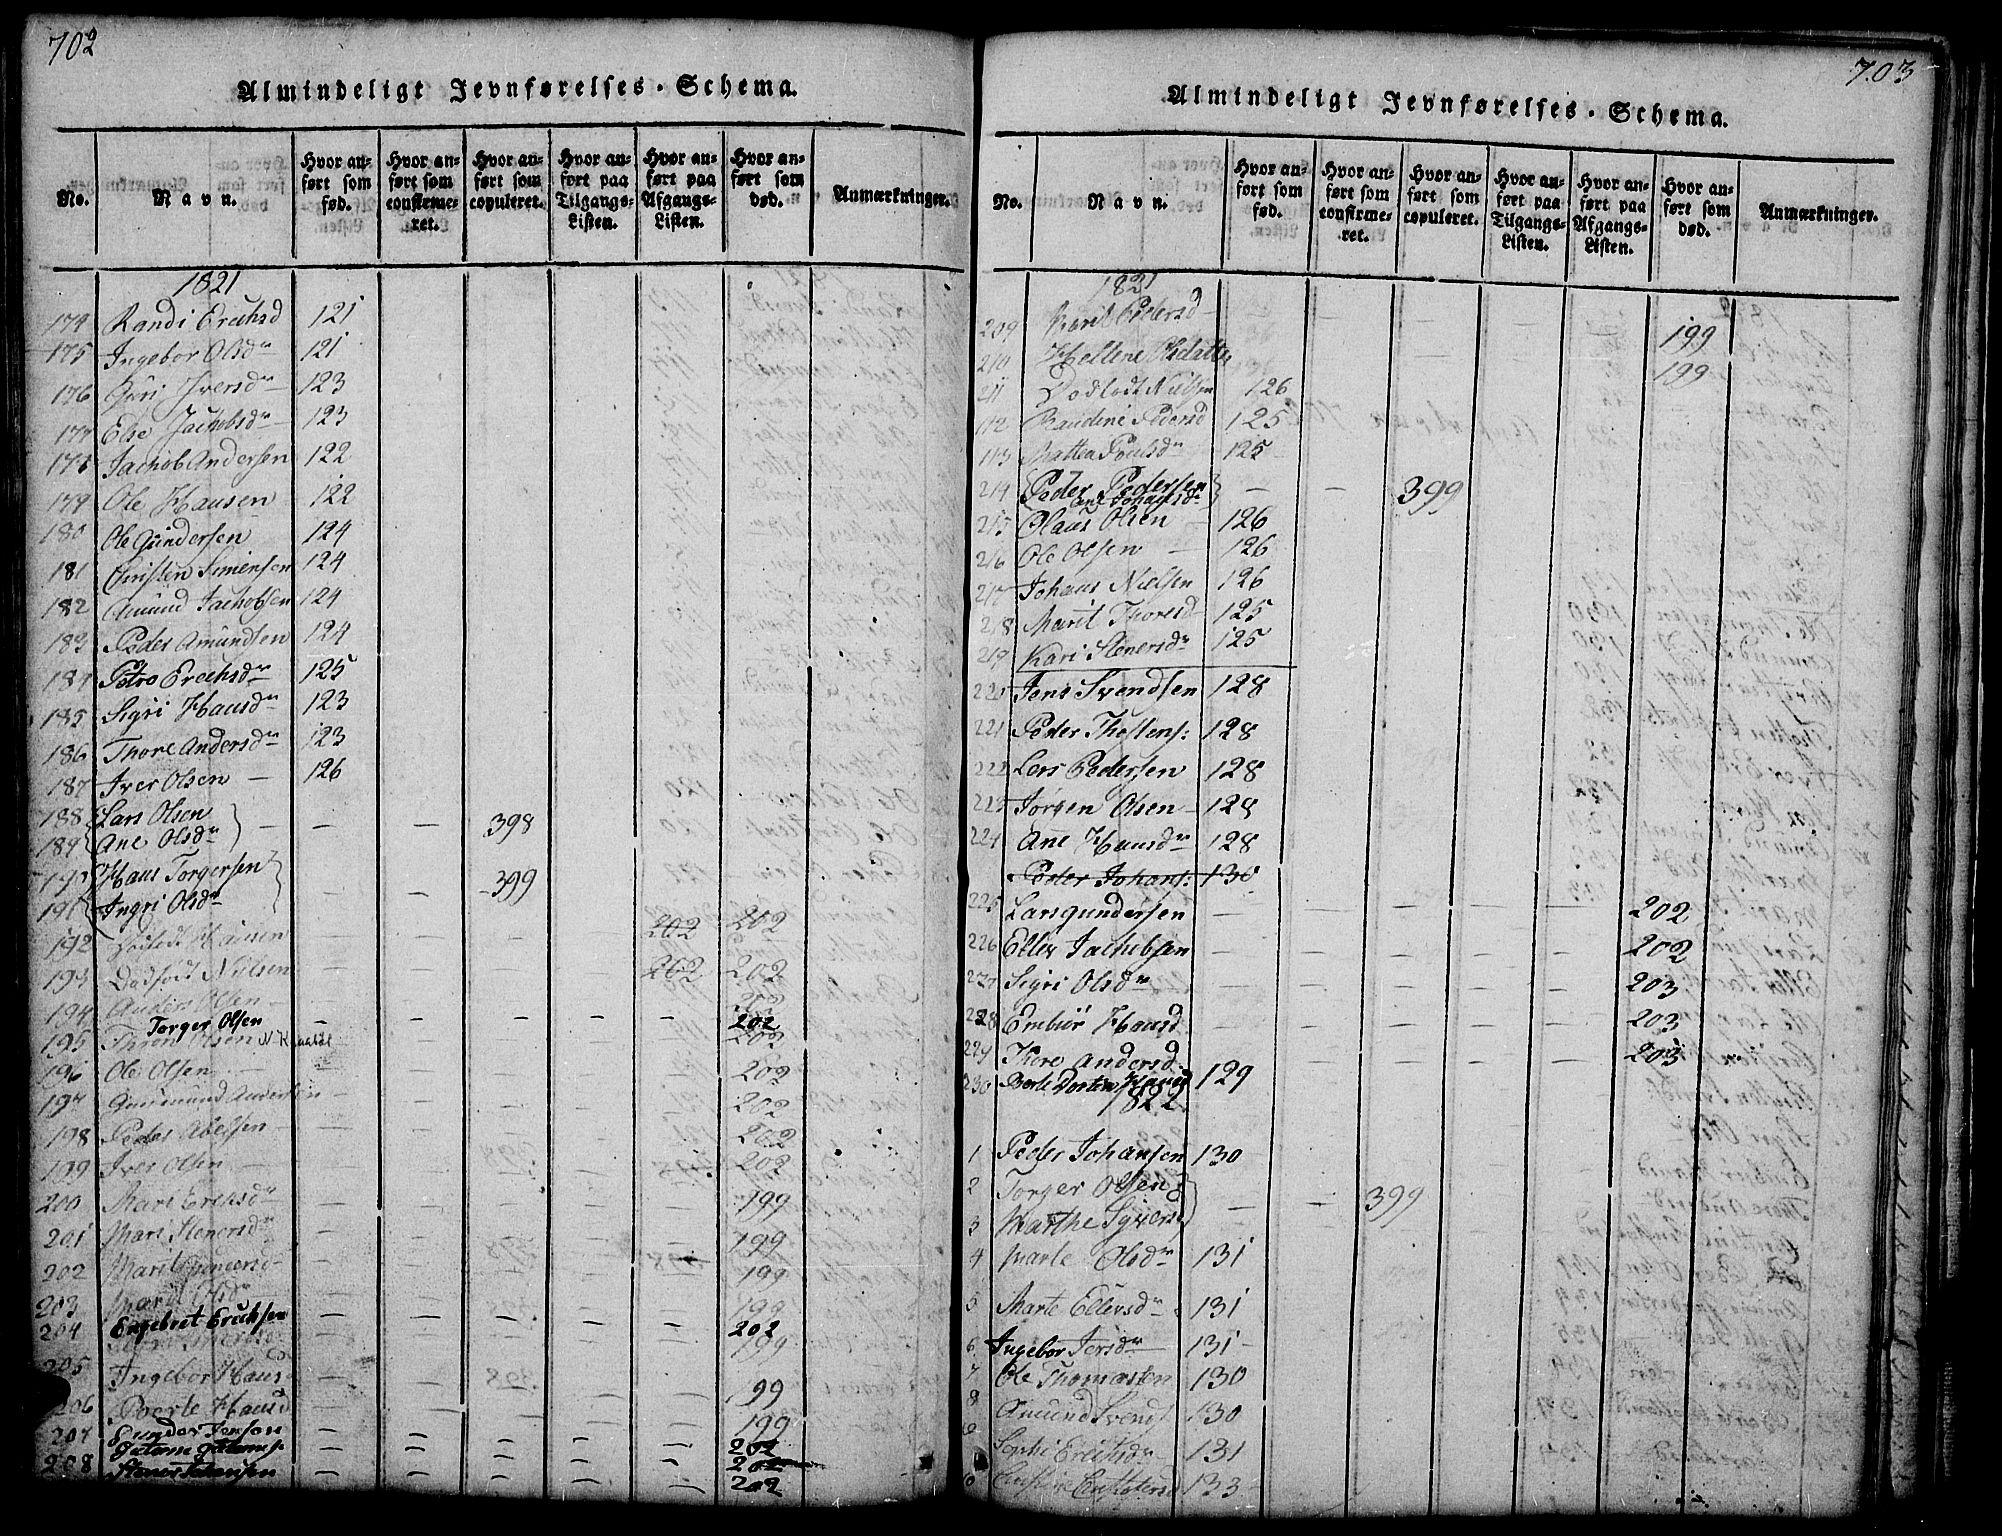 SAH, Gausdal prestekontor, Klokkerbok nr. 1, 1817-1848, s. 702-703